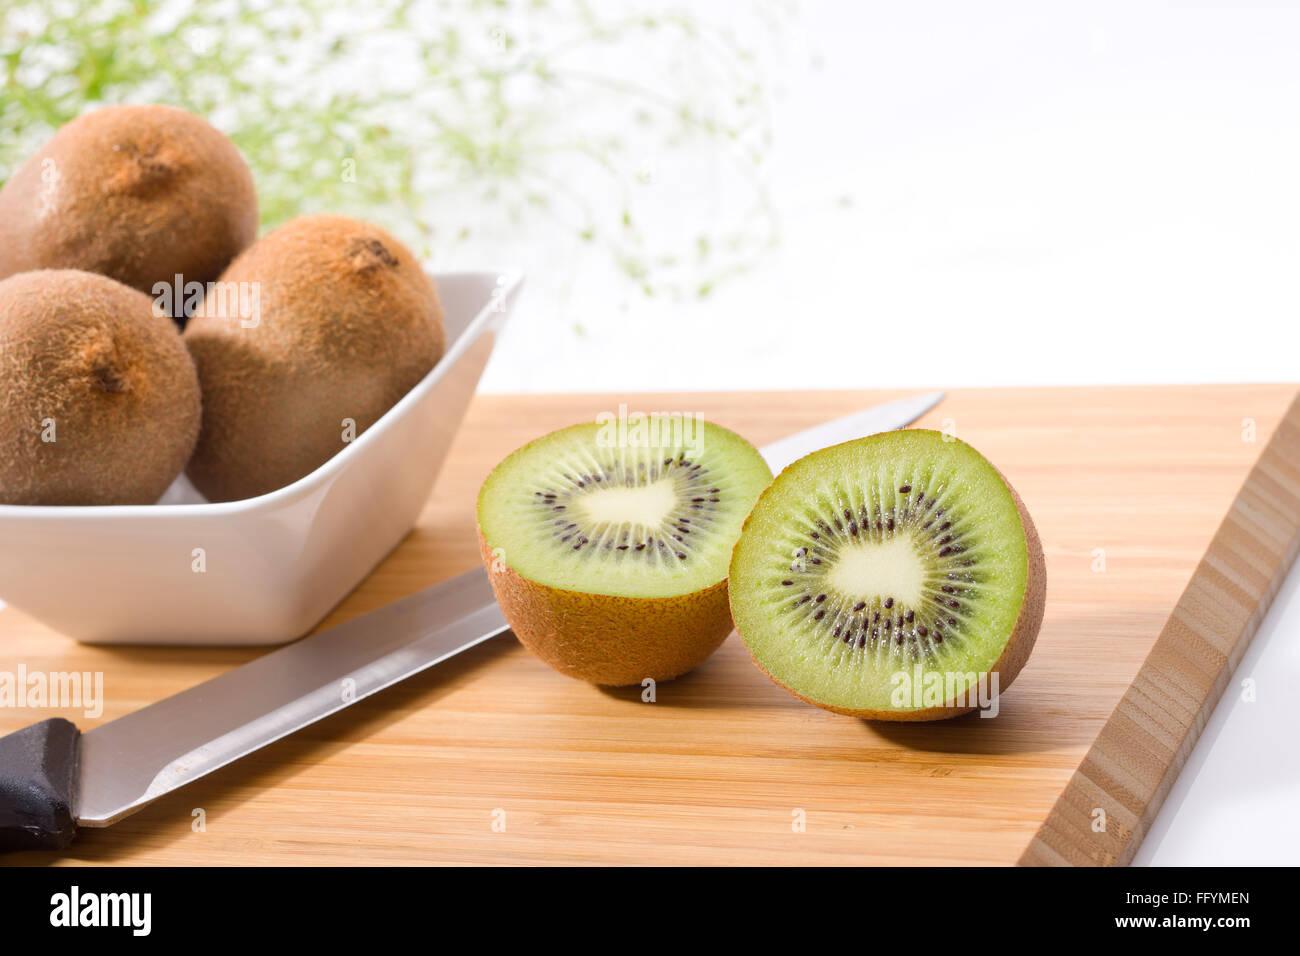 kiwi in bowl - Stock Image